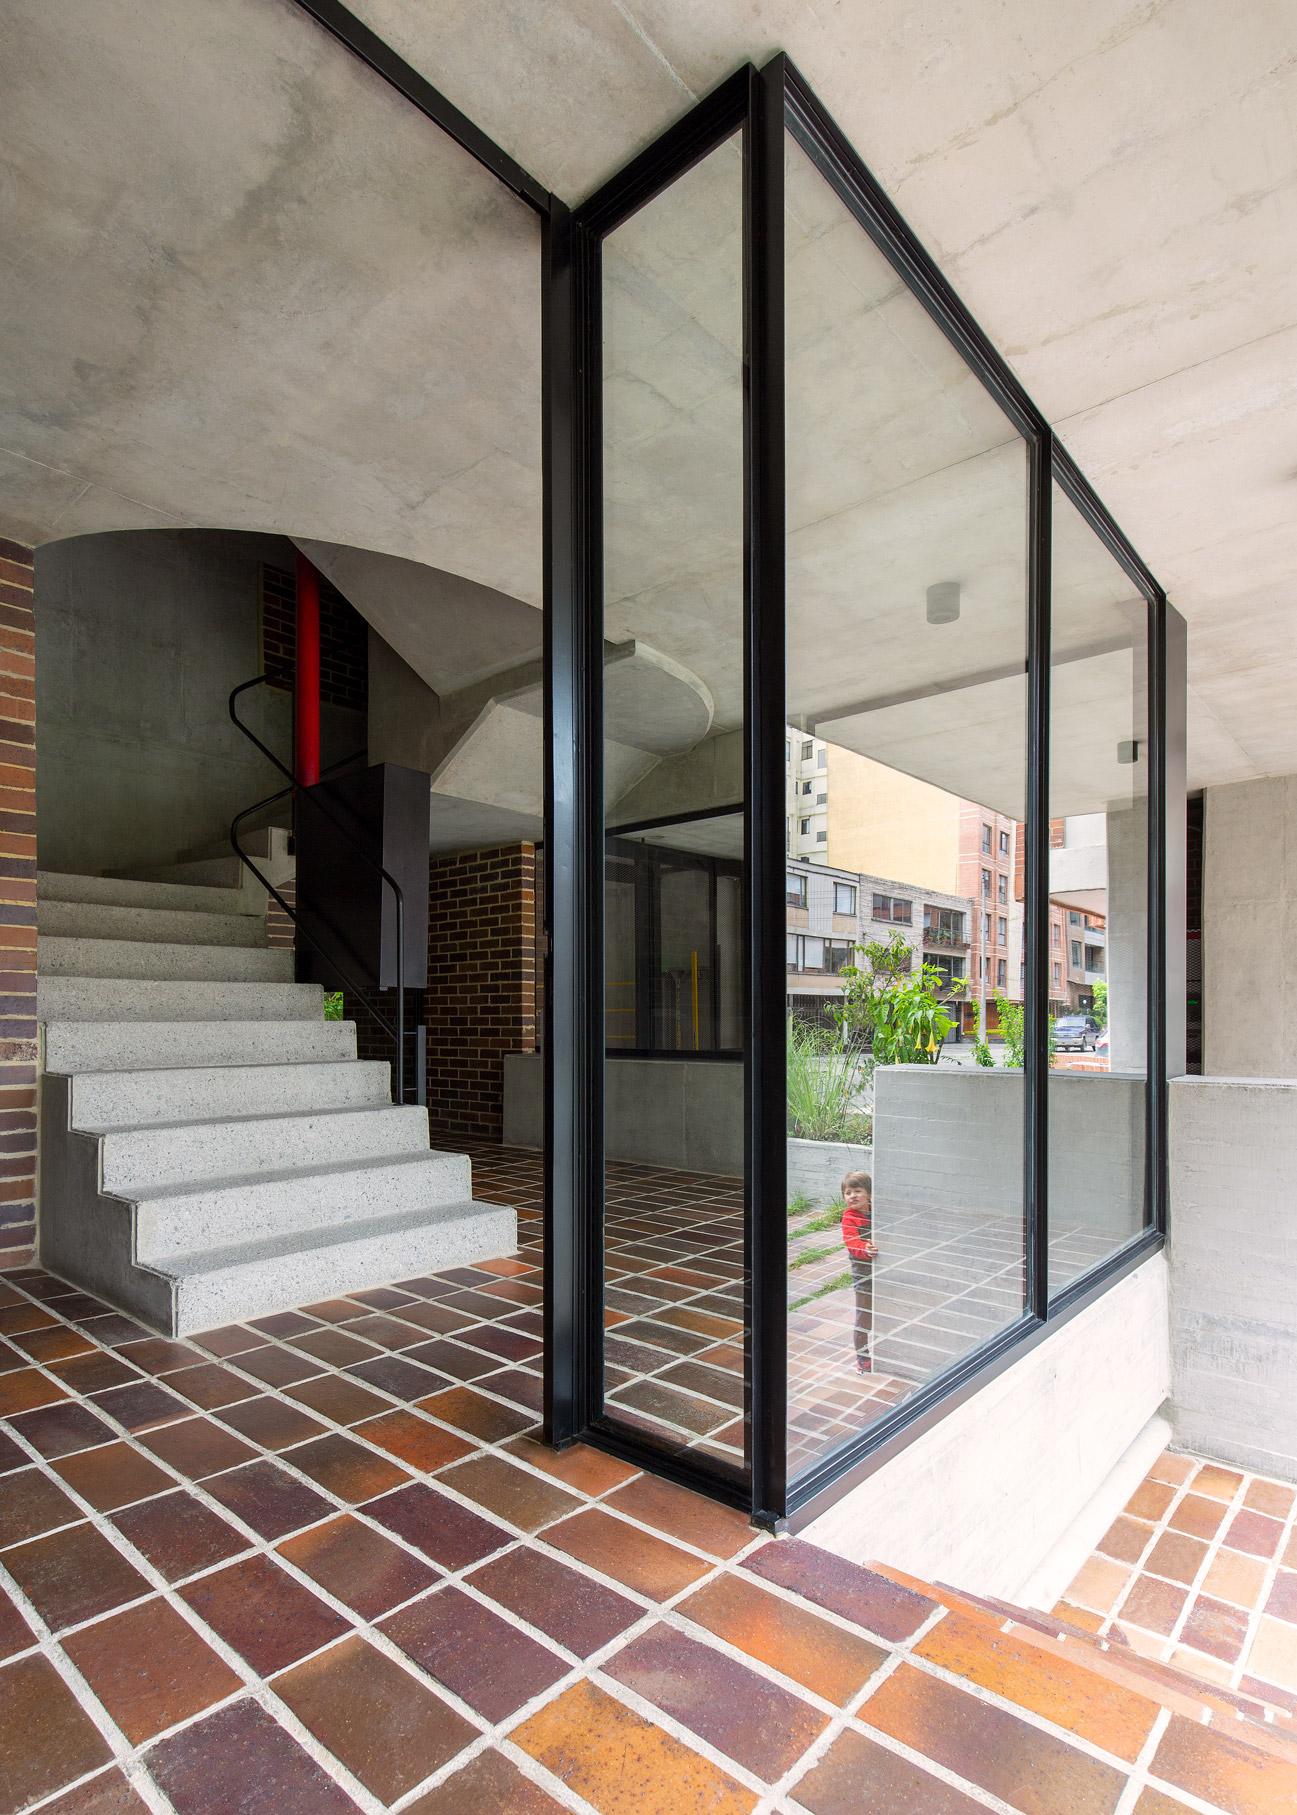 07.oberleander.arquitectos.arquitectura.architecture.interior.bogota.simon.bosch.photography